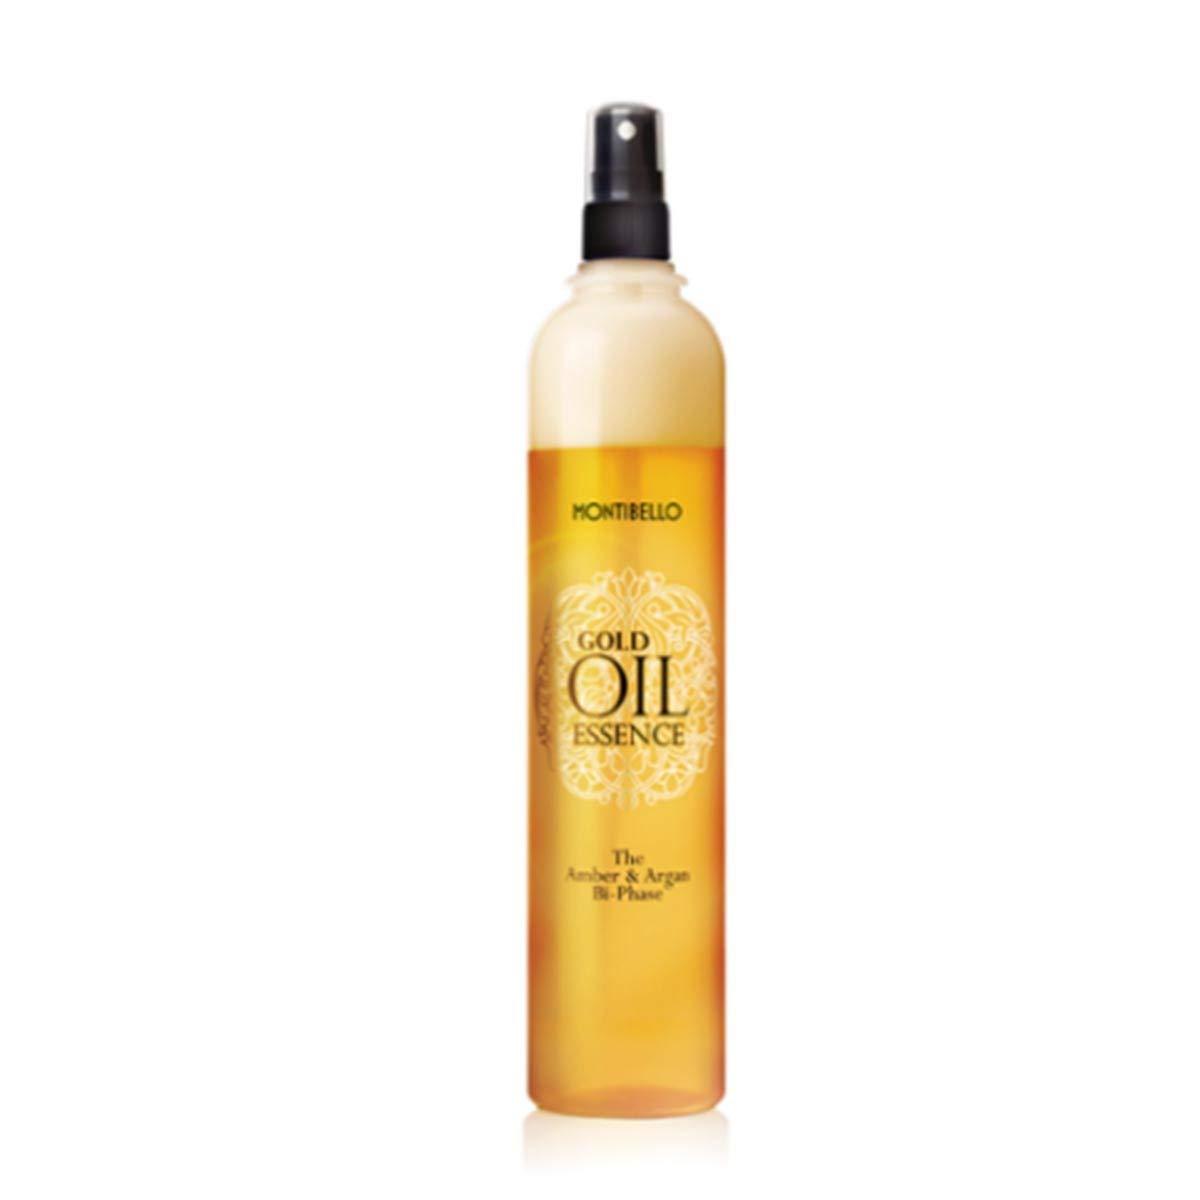 Montibel-Lo Gold Oil Essence Amber y Argan, Aceite Capilar Bifásica, 400 ml